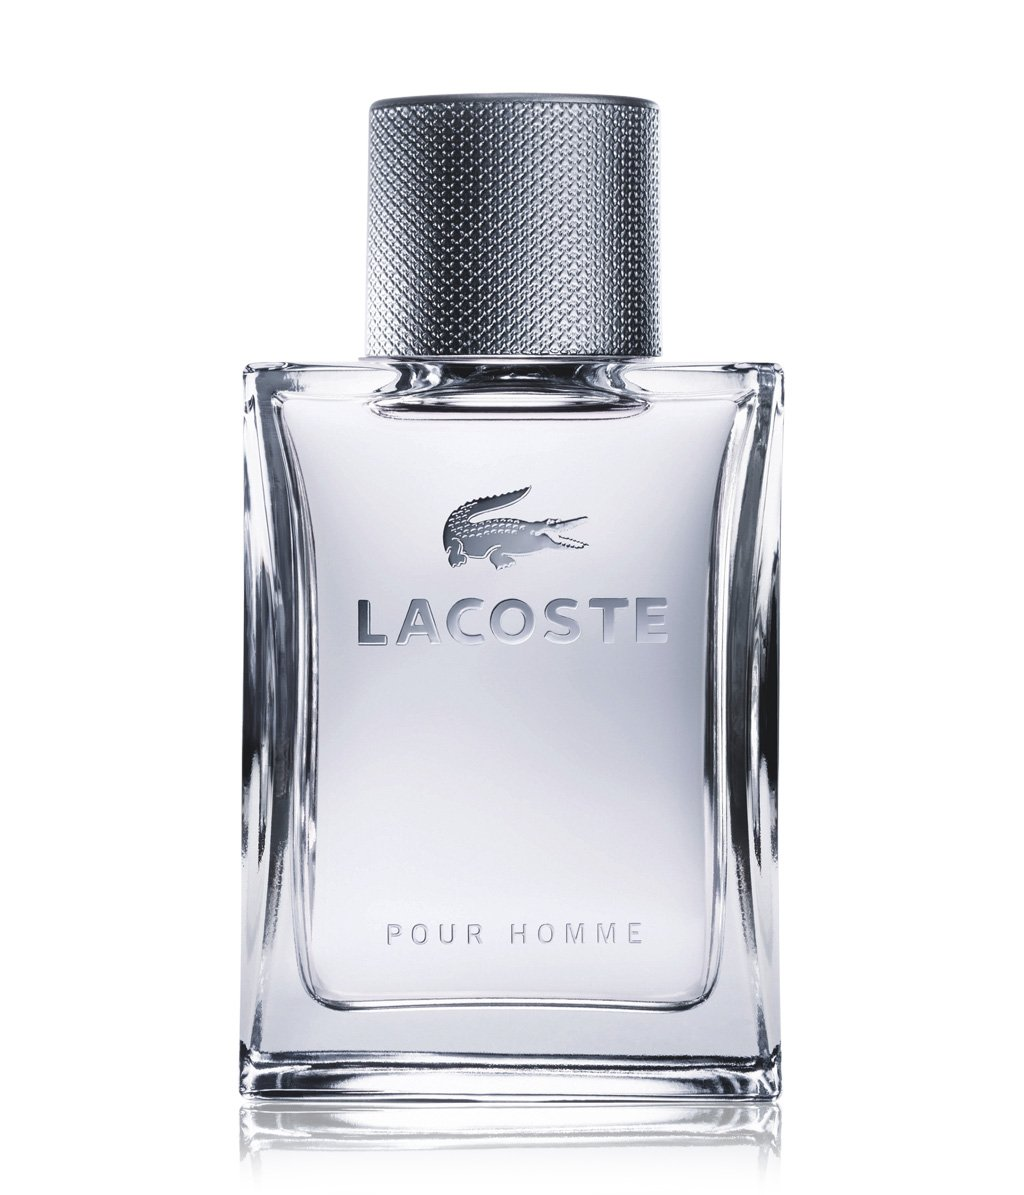 lacoste pour homme parfum online bestellen flaconi. Black Bedroom Furniture Sets. Home Design Ideas